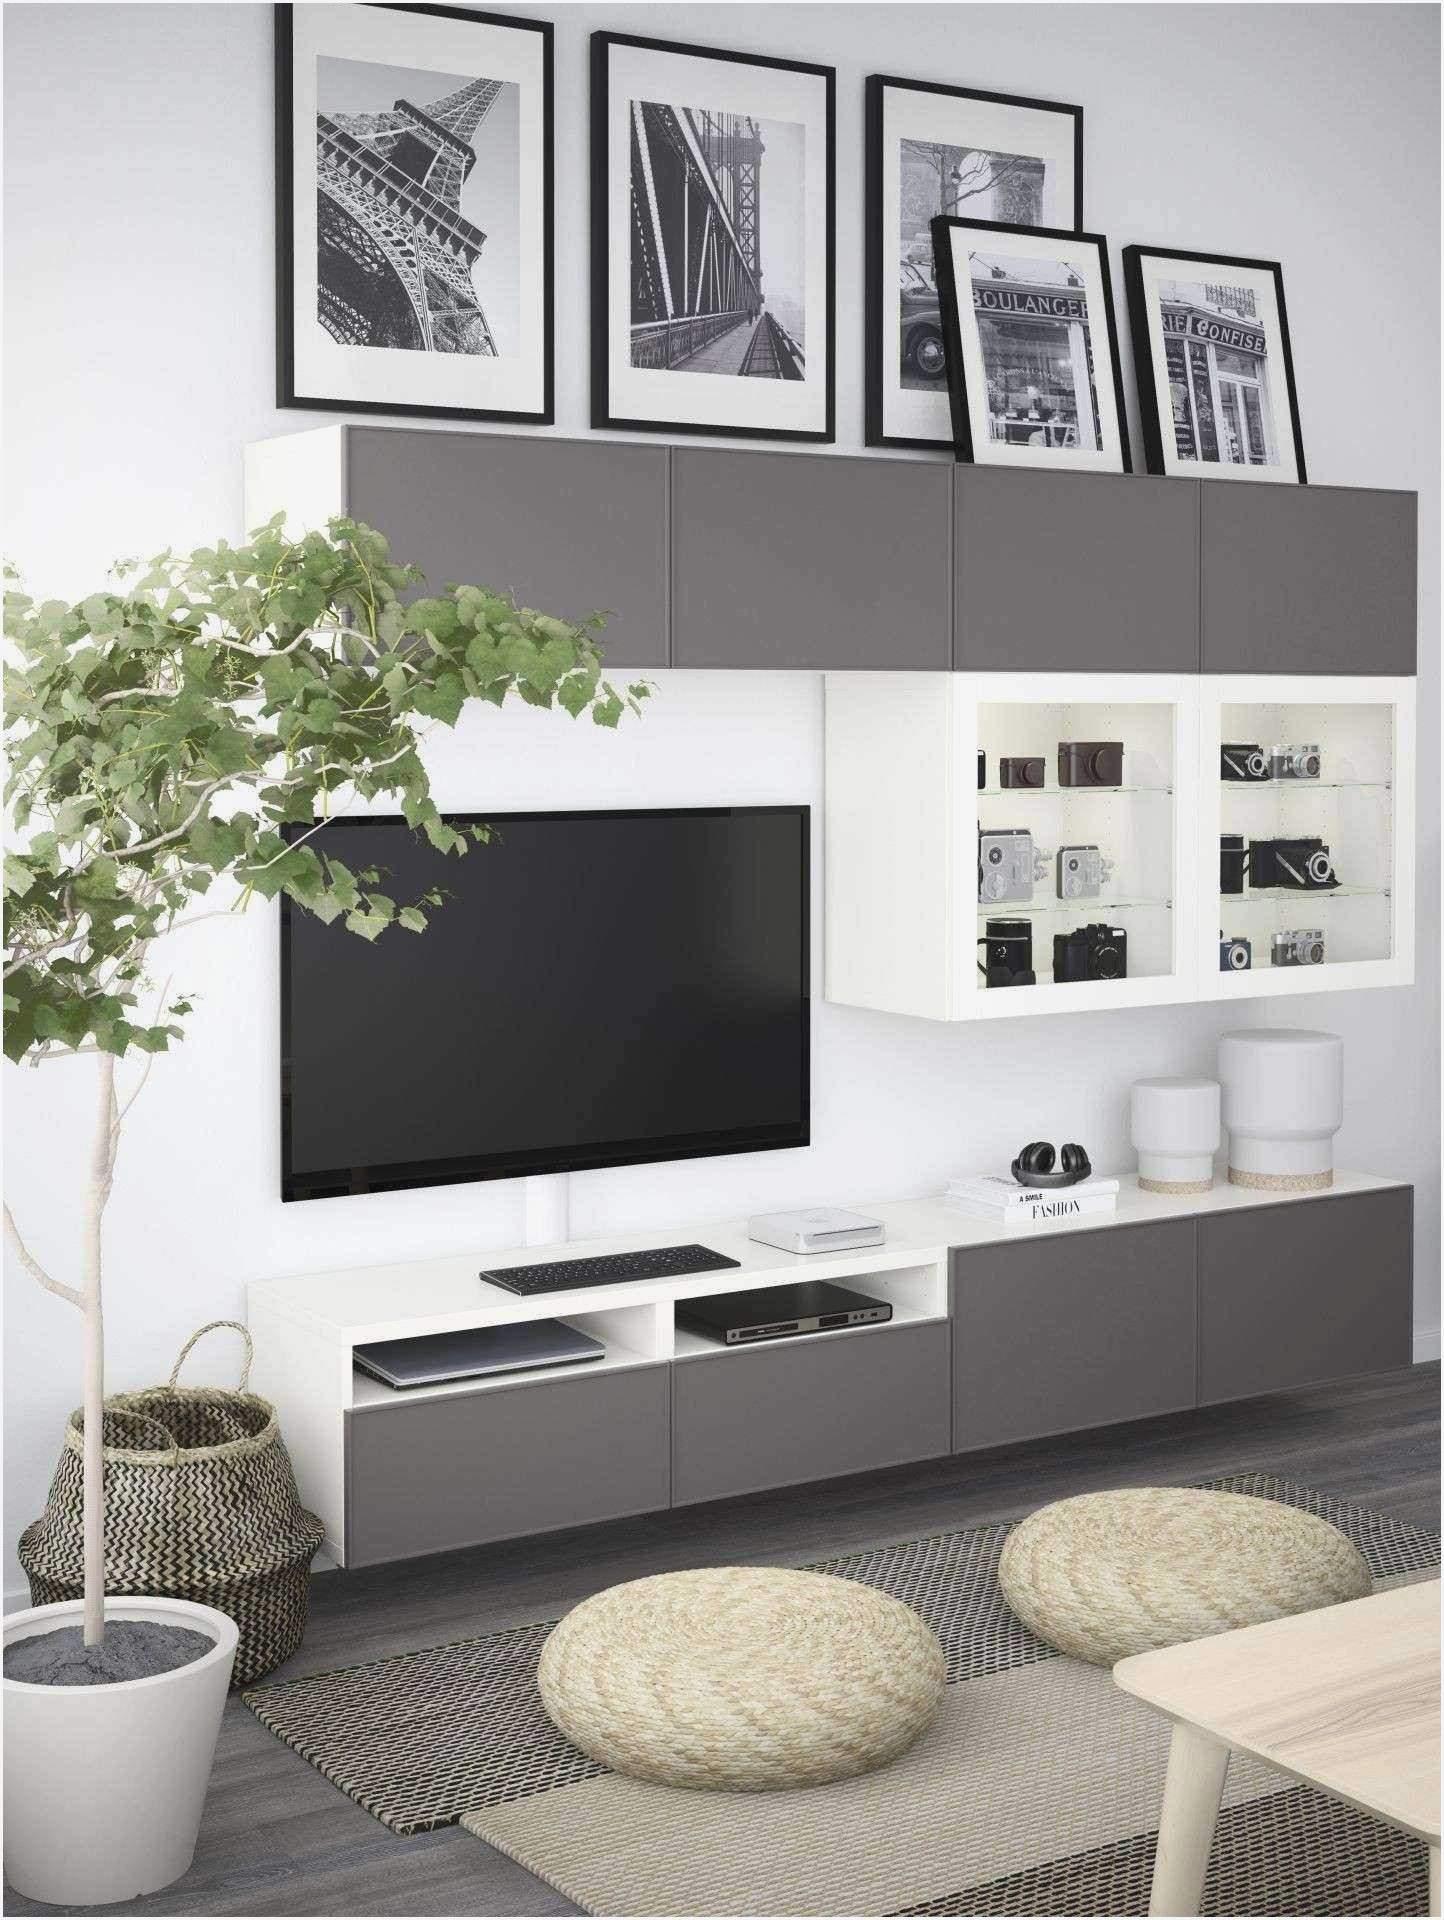 Full Size of Ikea Wandregale 39 Luxus Wohnzimmer Reizend Frisch Küche Kosten Kaufen Modulküche Miniküche Betten Bei Sofa Mit Schlaffunktion 160x200 Wohnzimmer Ikea Wandregale